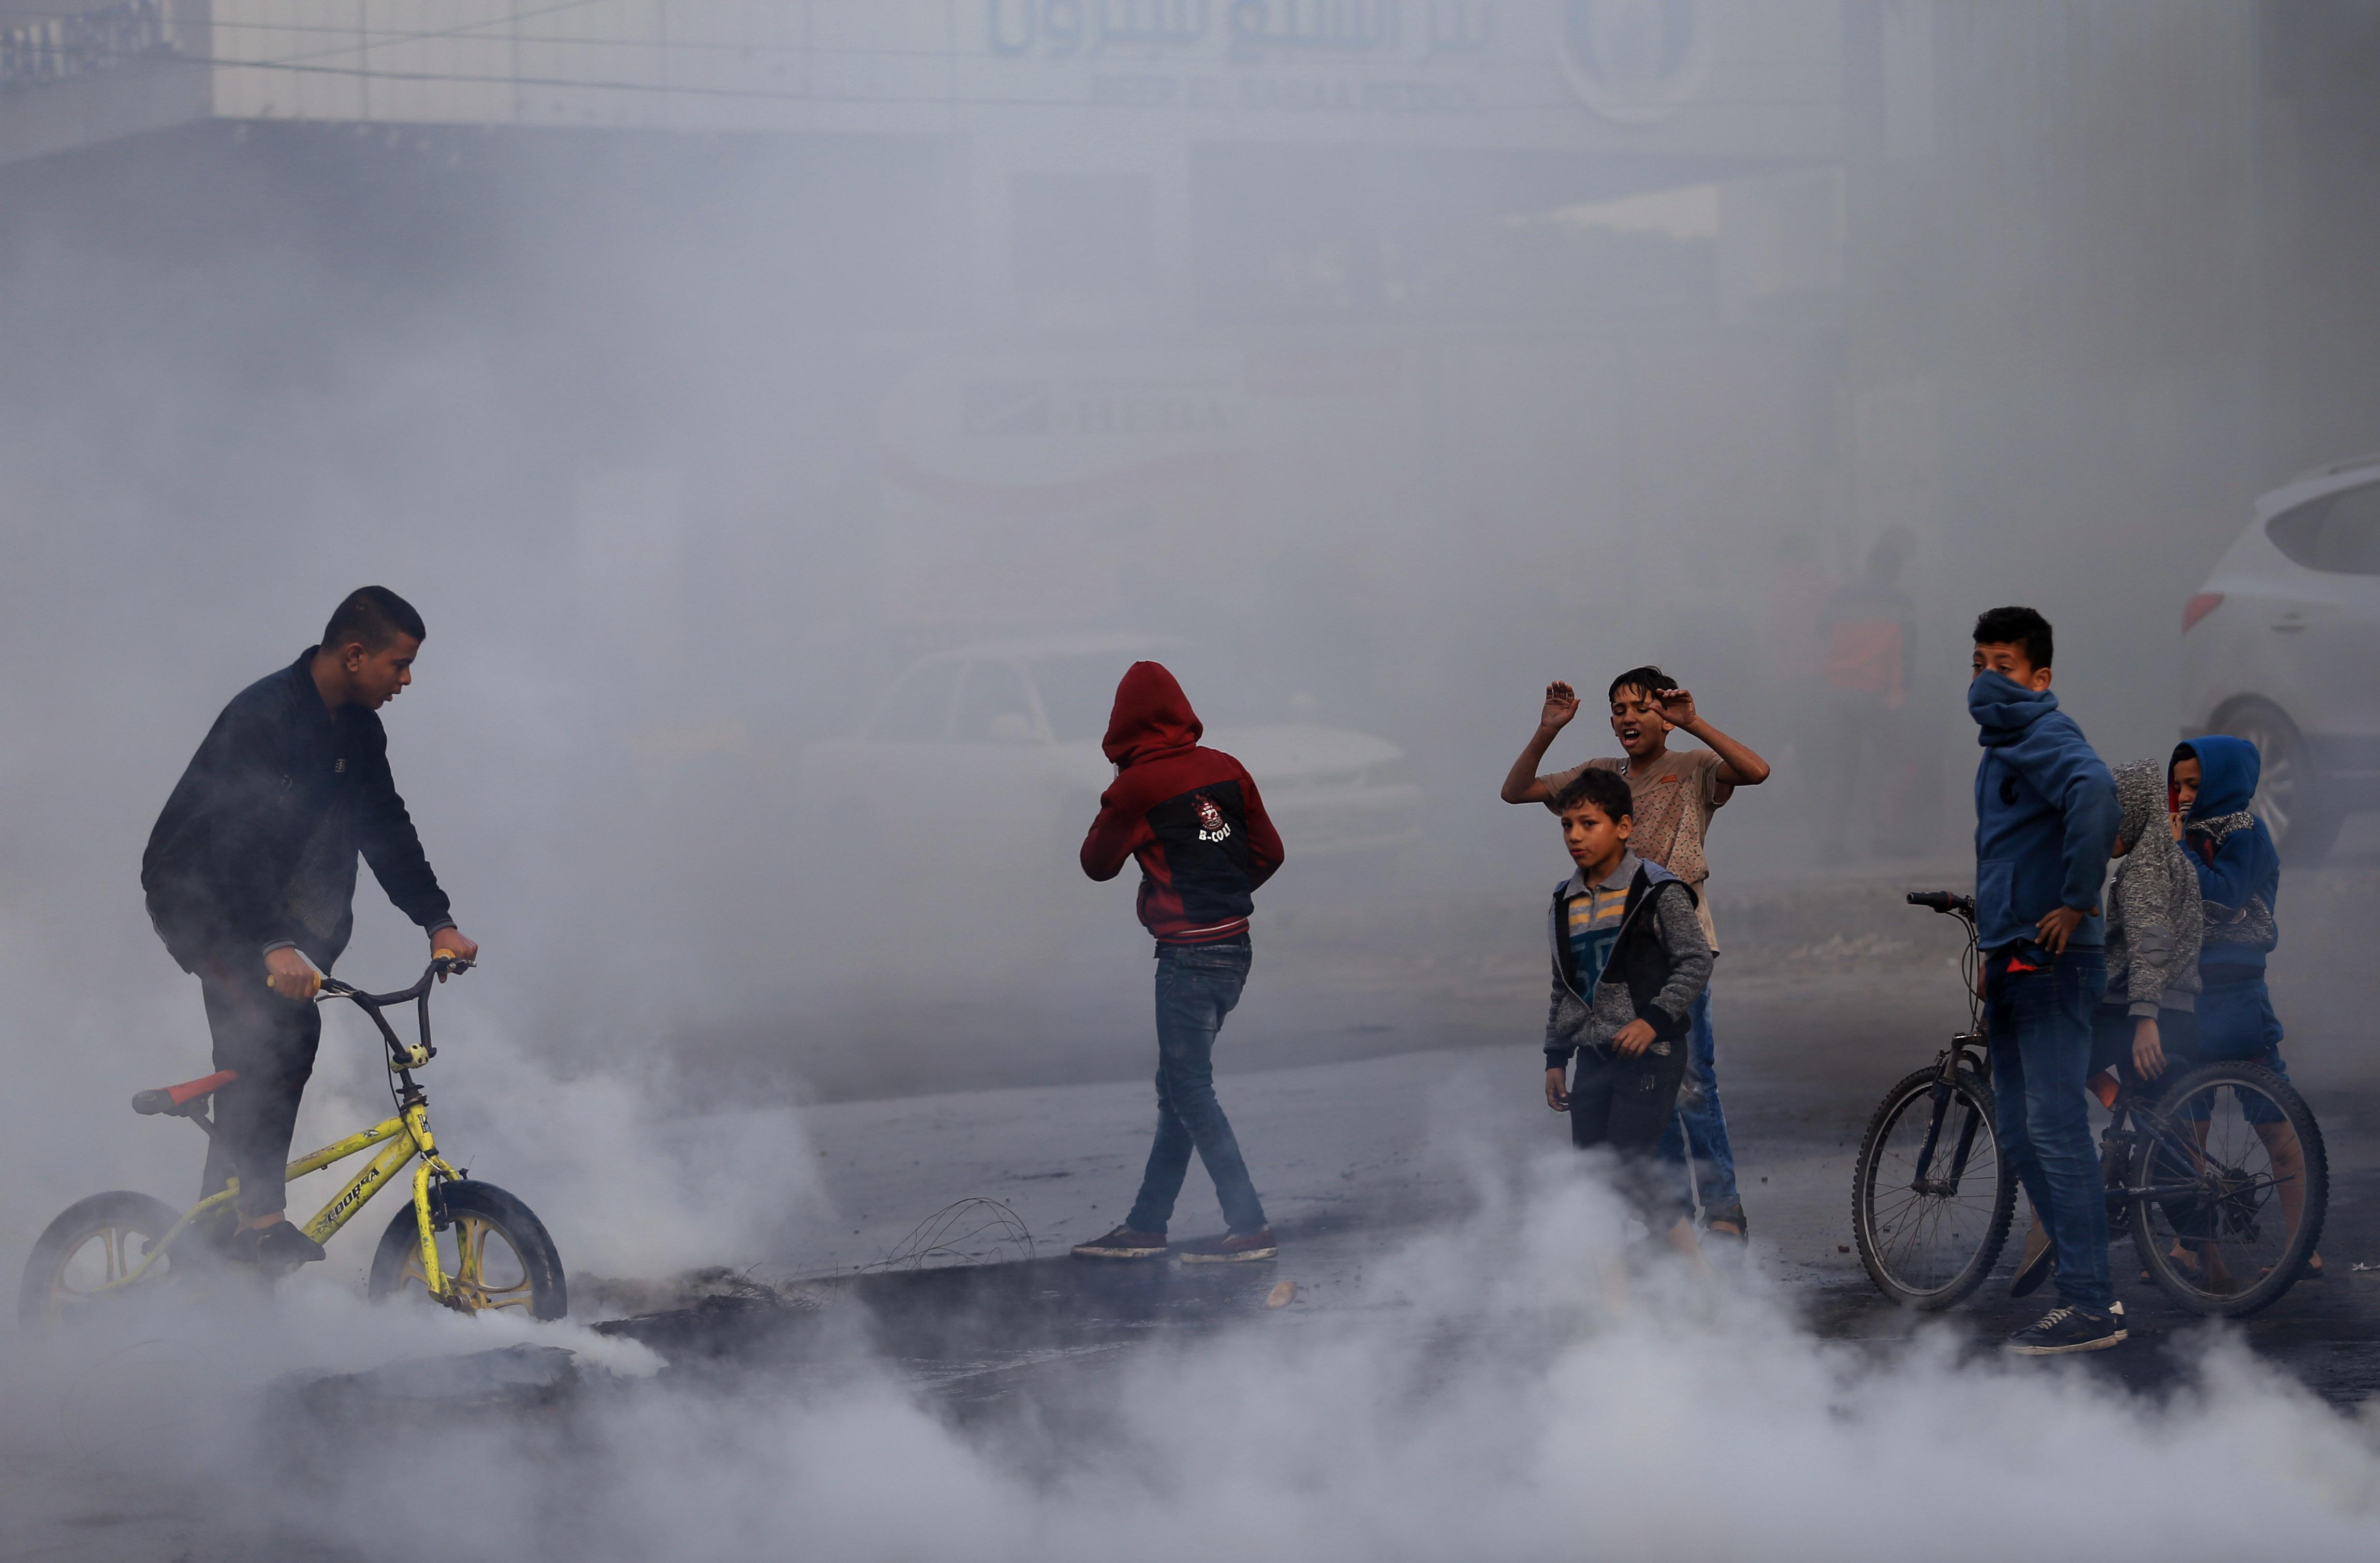 احتجاجات في غزة بسبب قرار ترامب